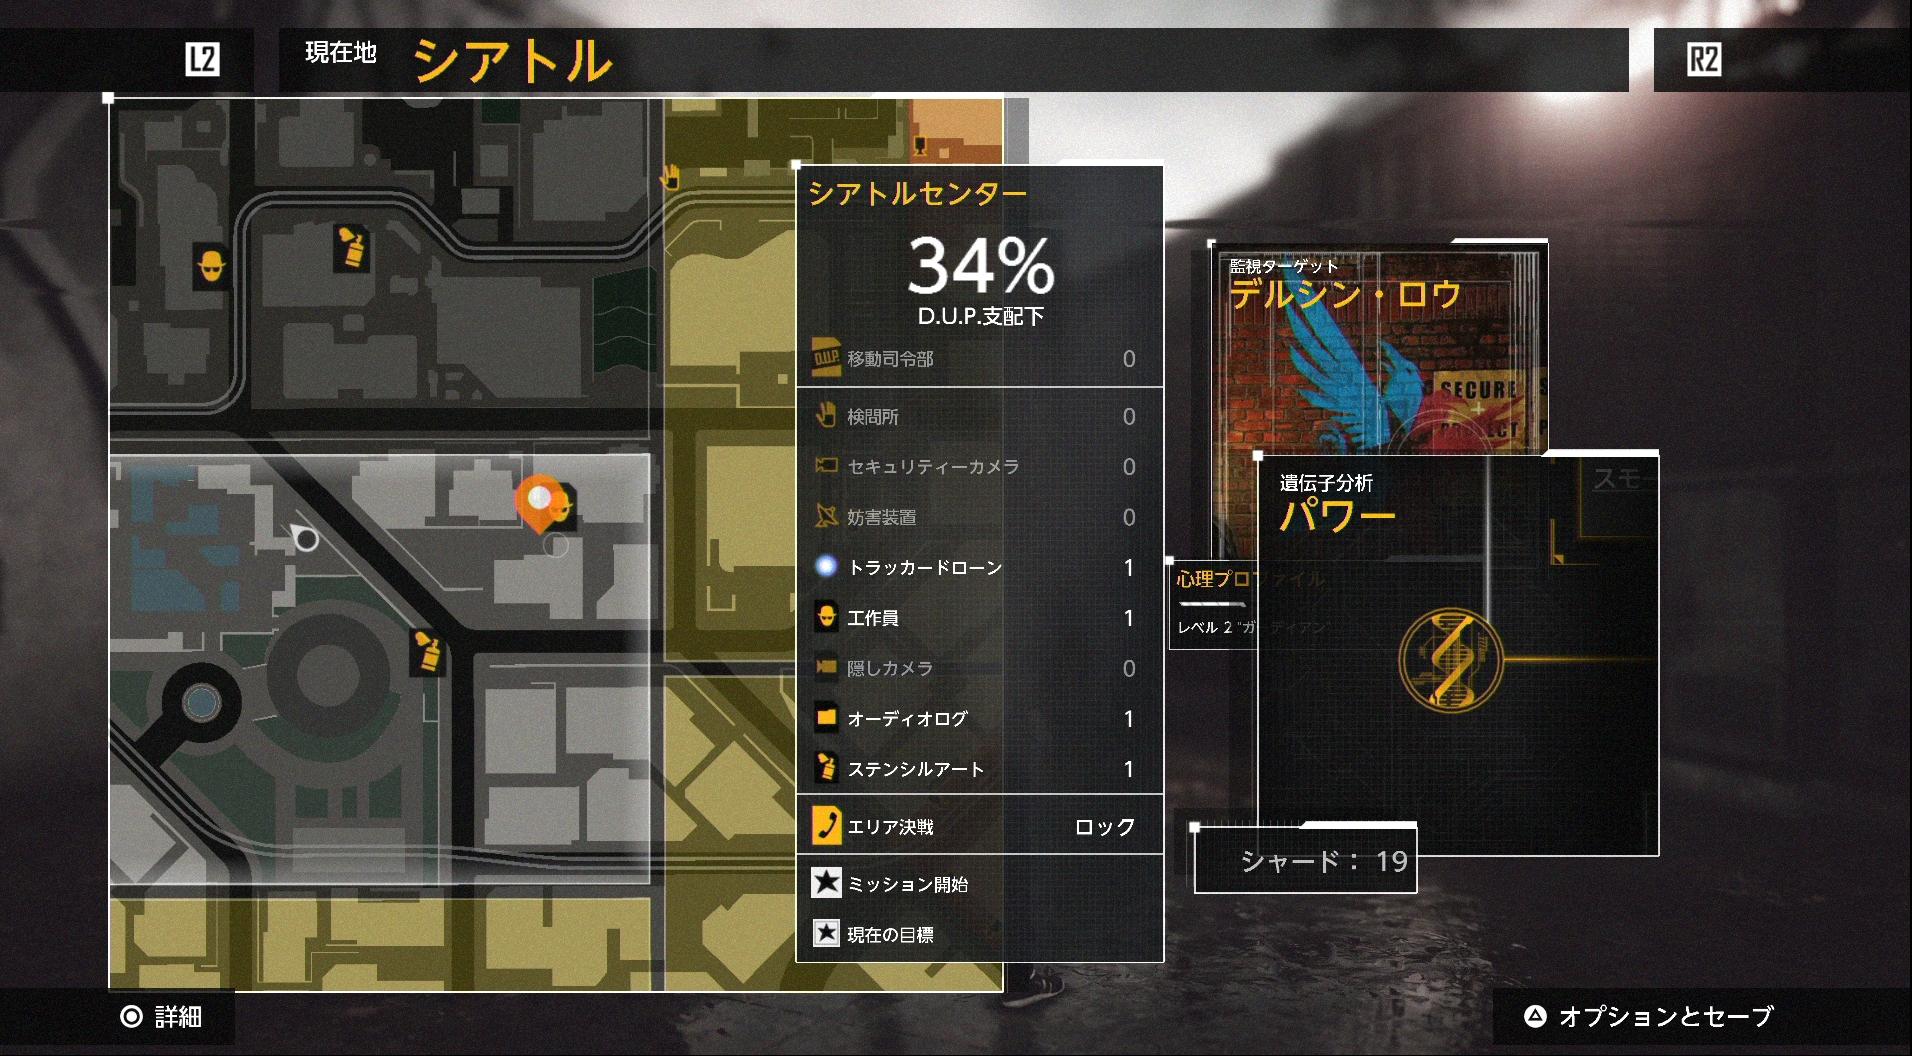 マップ画面。多彩なサブミッションをクリアし、街の支配を下げていく